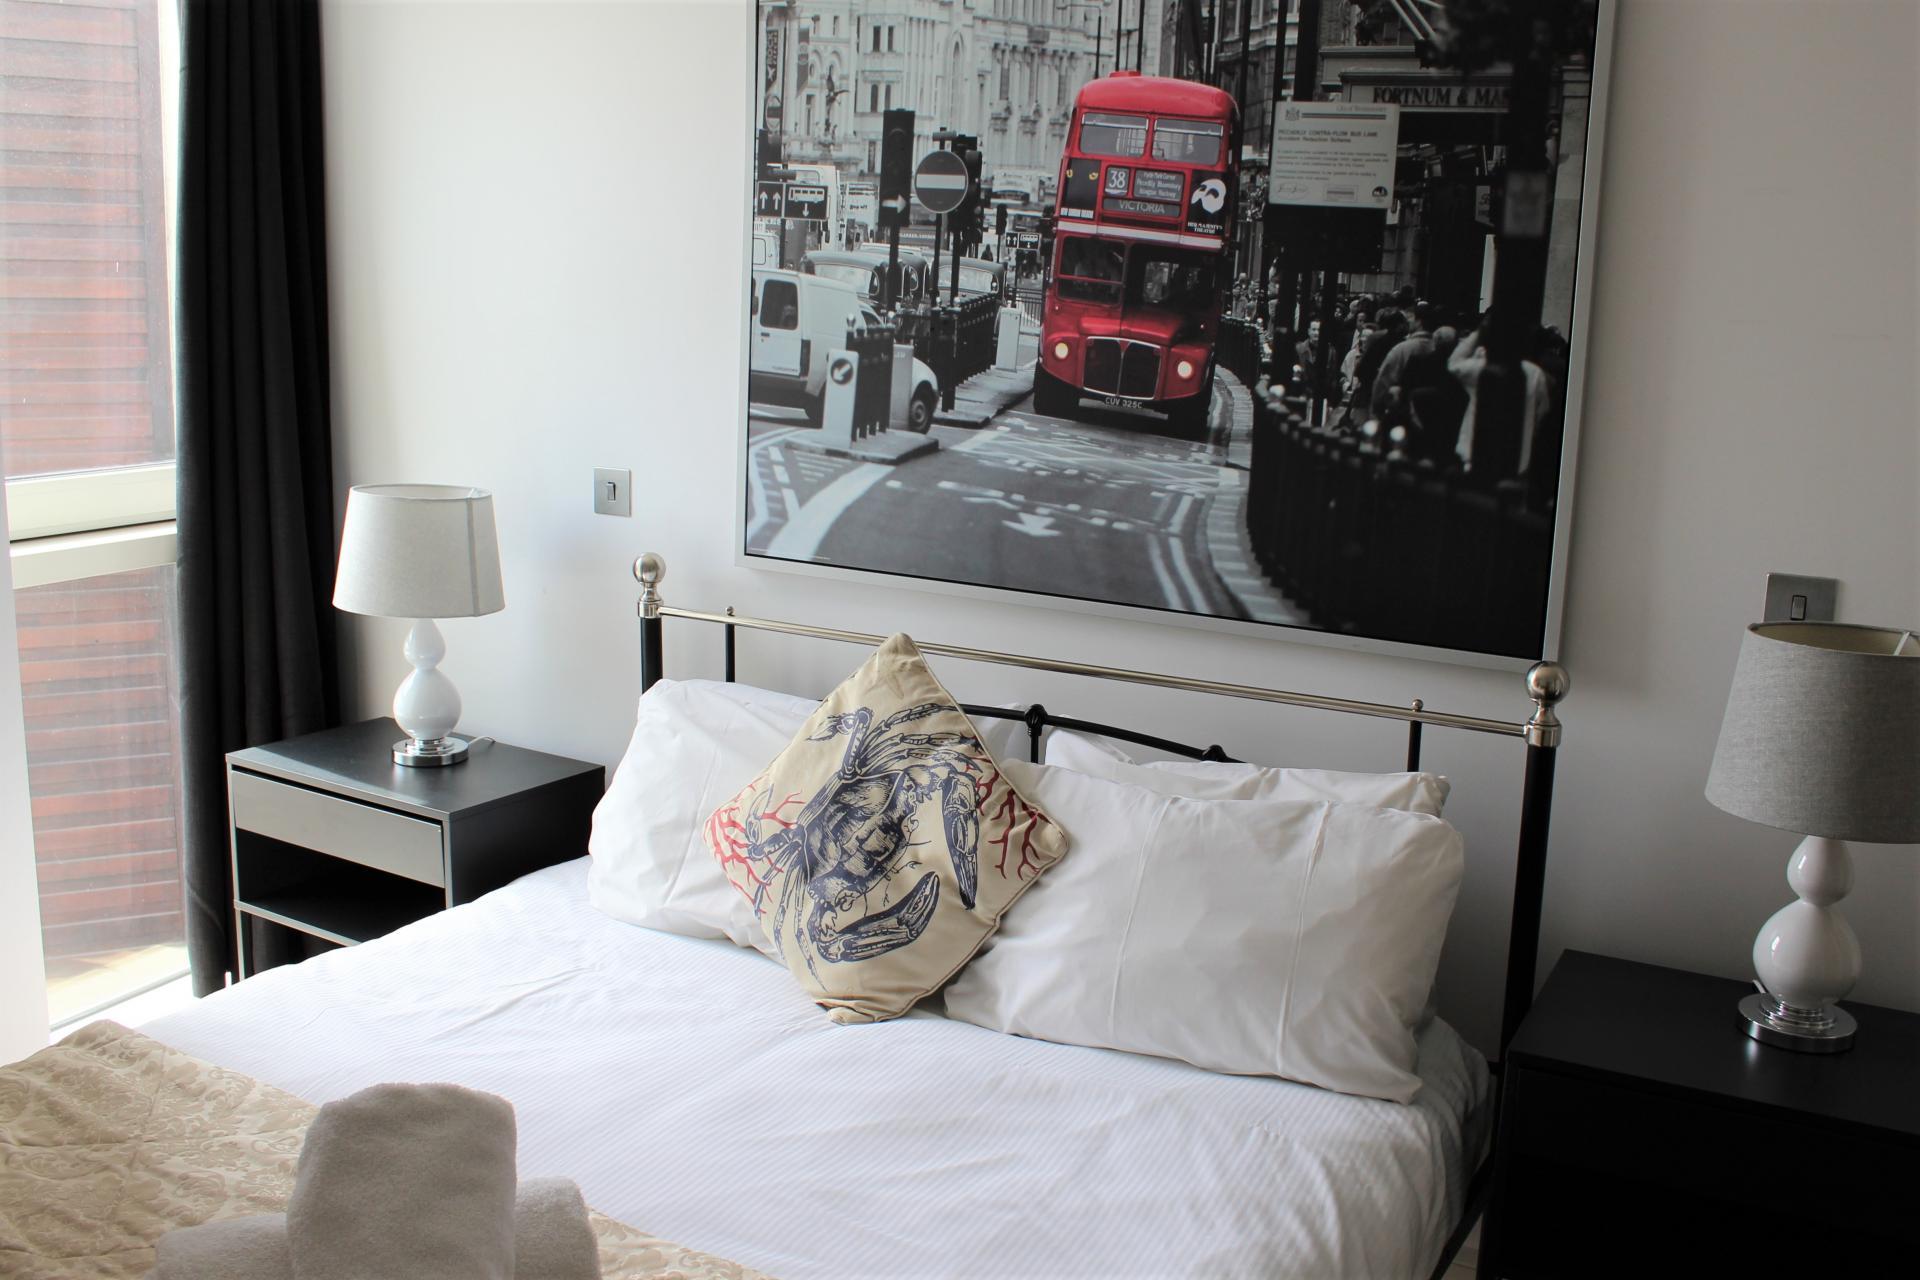 Bed at Gunwharf Quays Apartments, Gunwharf Quays, Portsmouth